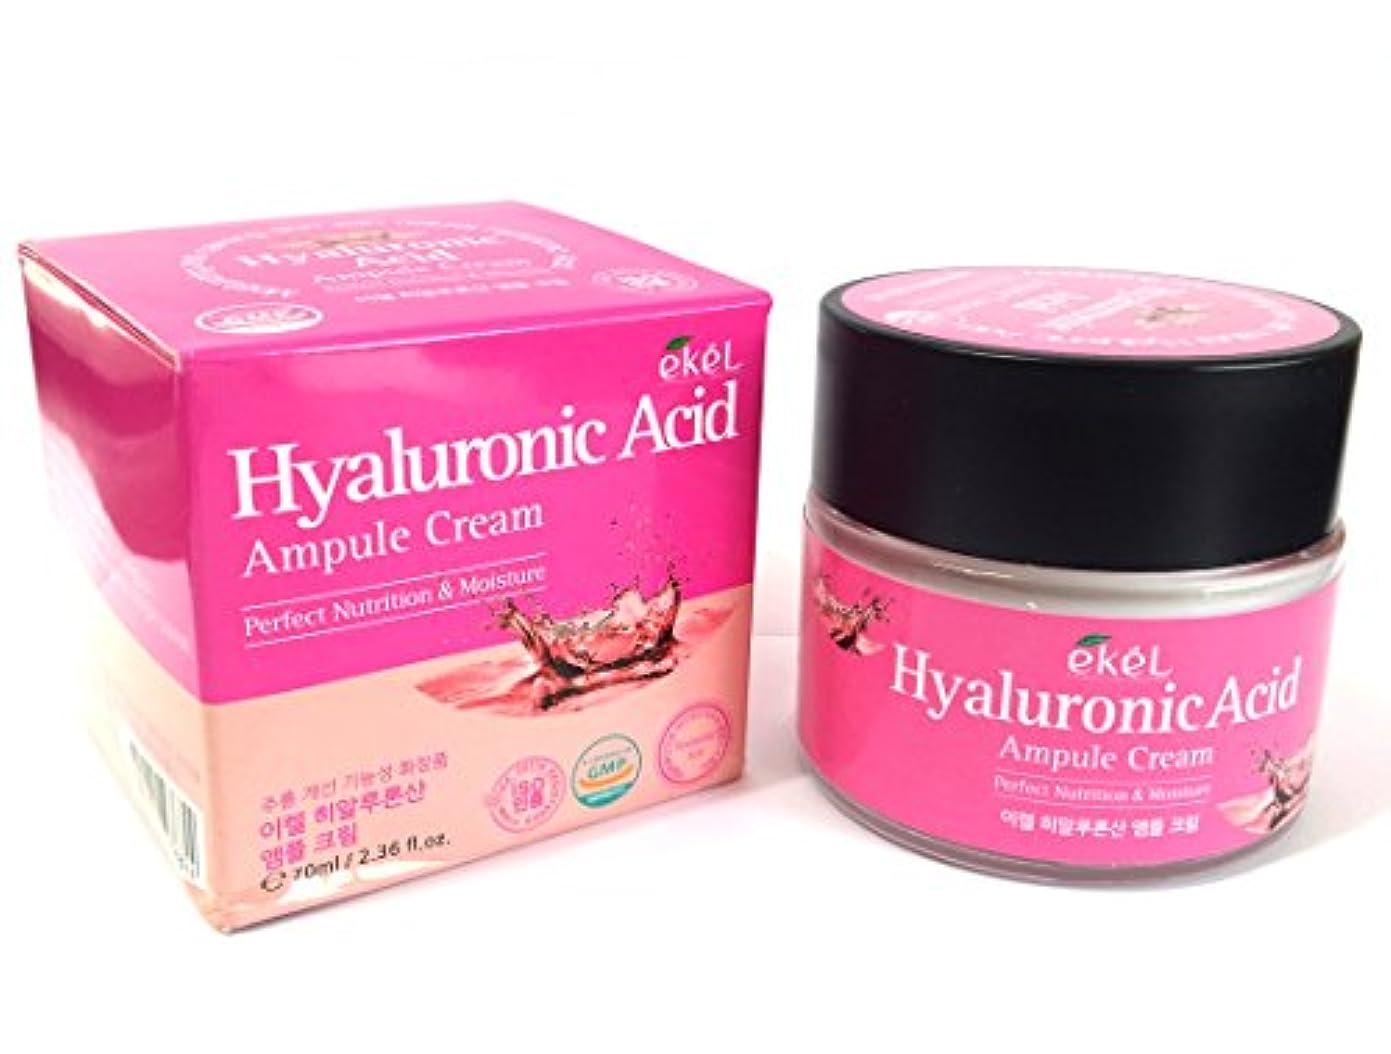 肥満テクスチャーわな[EKEL] ヒアルロン酸アンプルクリーム70ml / 完璧な栄養と水分 / 韓国化粧品/ Hyaluronic Acid Ampule Cream 70ml / Perfect Nutrition & Moisture...